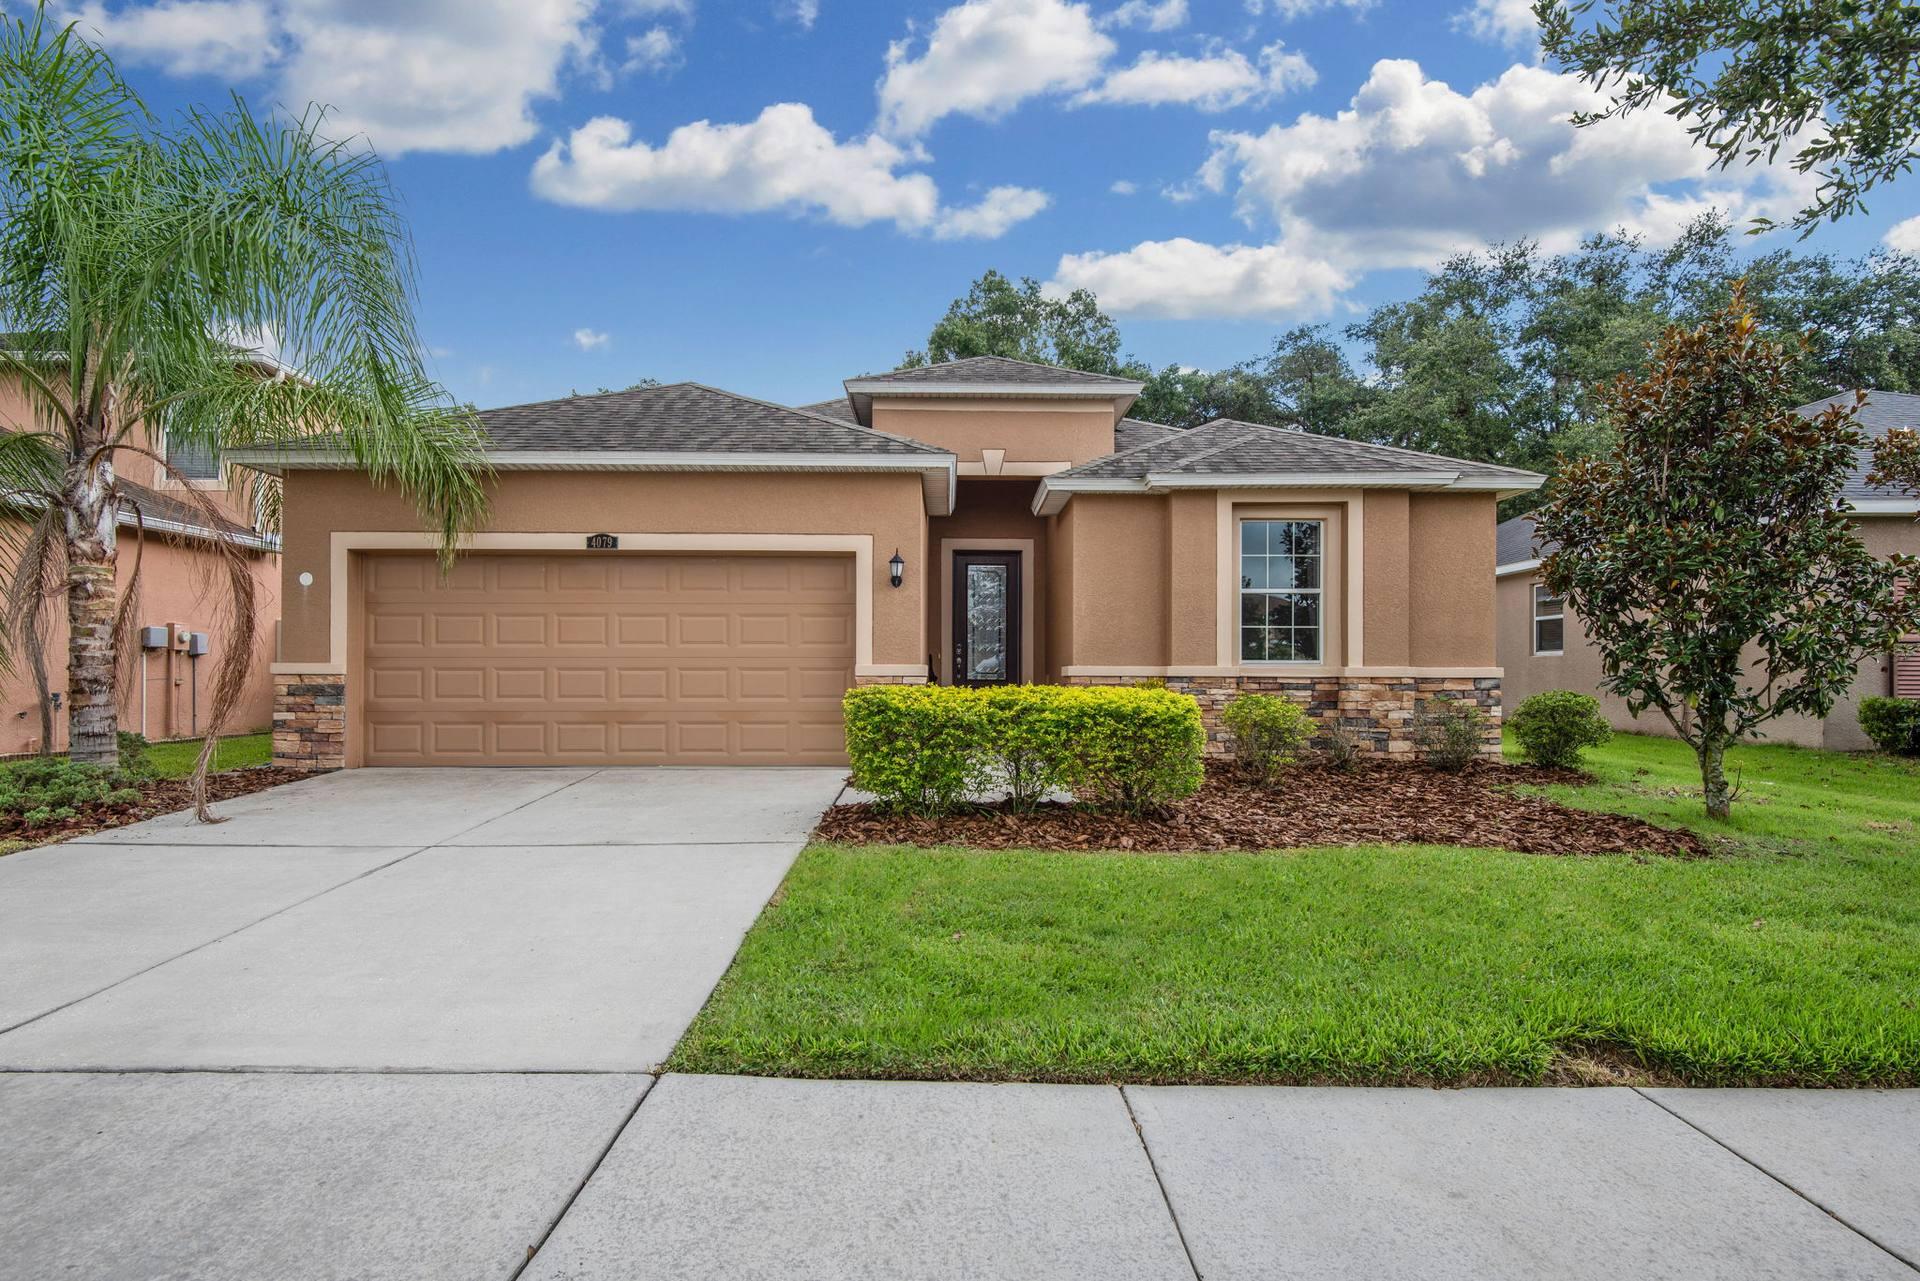 4079 Pacente Loop, Zephyrhills, FL 33543, USA